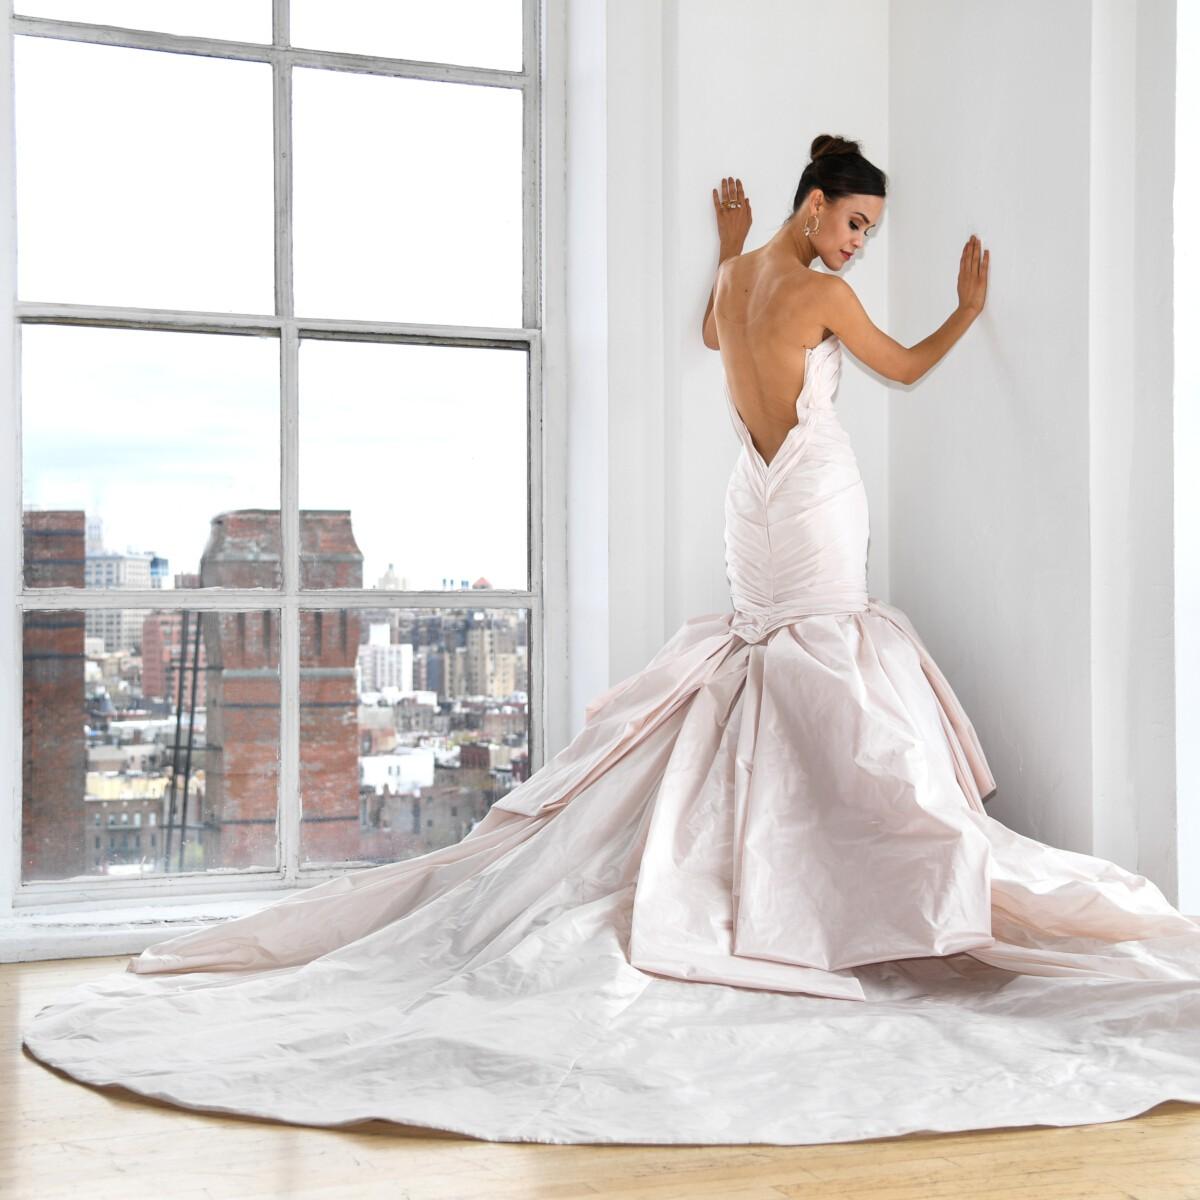 Qu'est-ce que la traîne d'une robe?